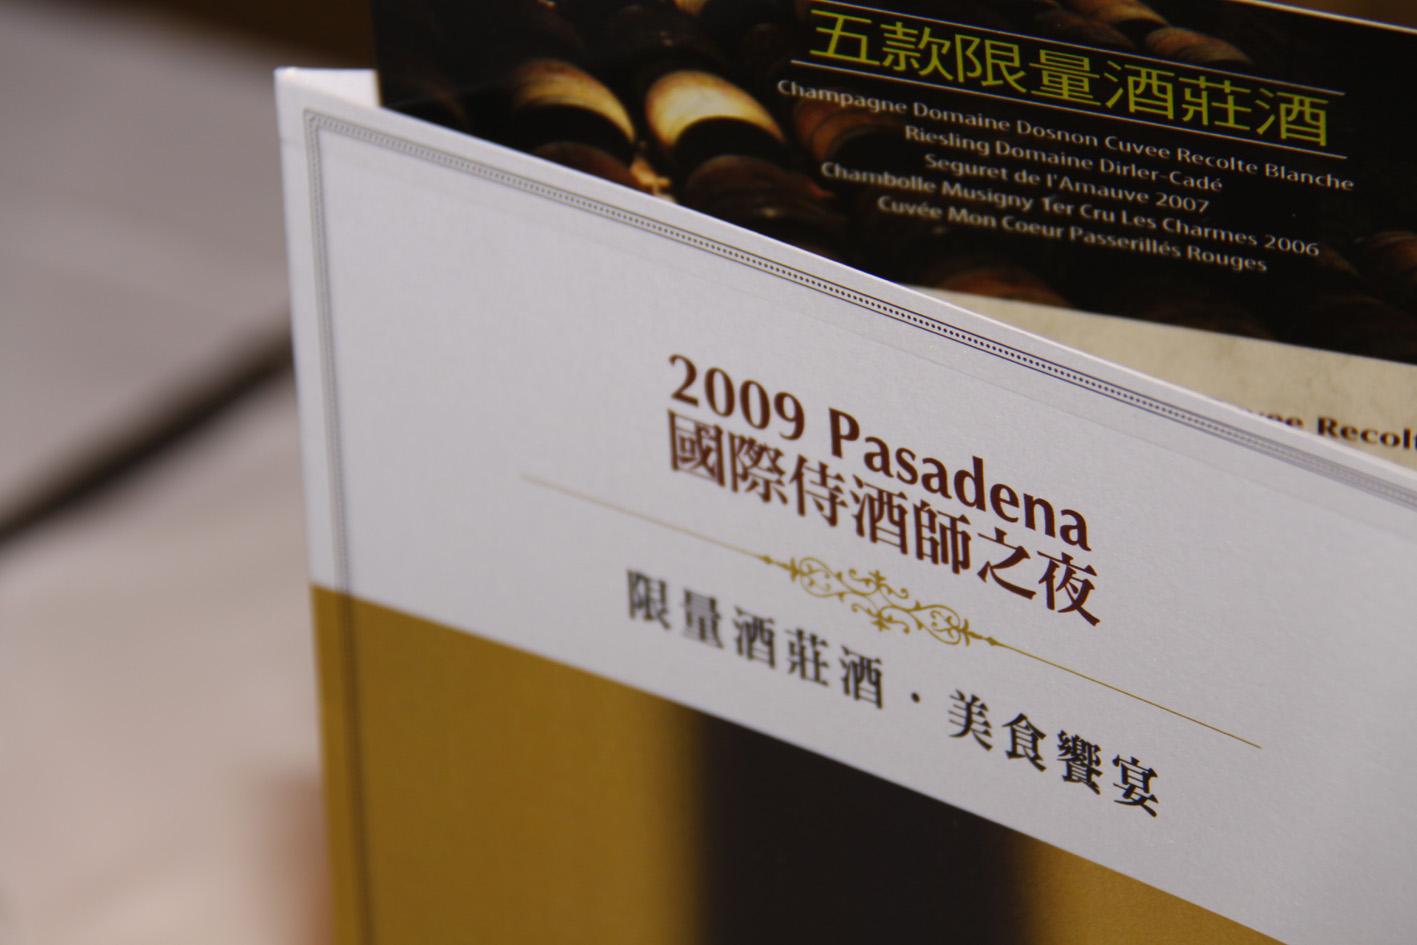 2009國際侍酒師之夜-1.JPG